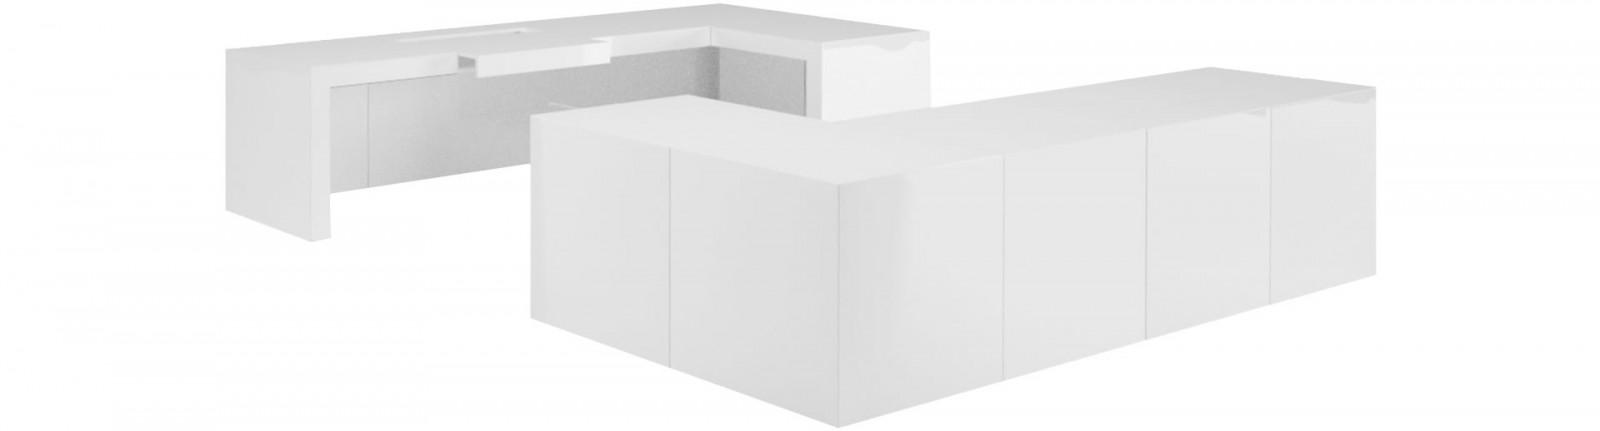 Eckschreibtisch weiß design  SchreibTisch OPPERARIUS kaufen ▭ puristisch Design-Tisch von RECHTECK